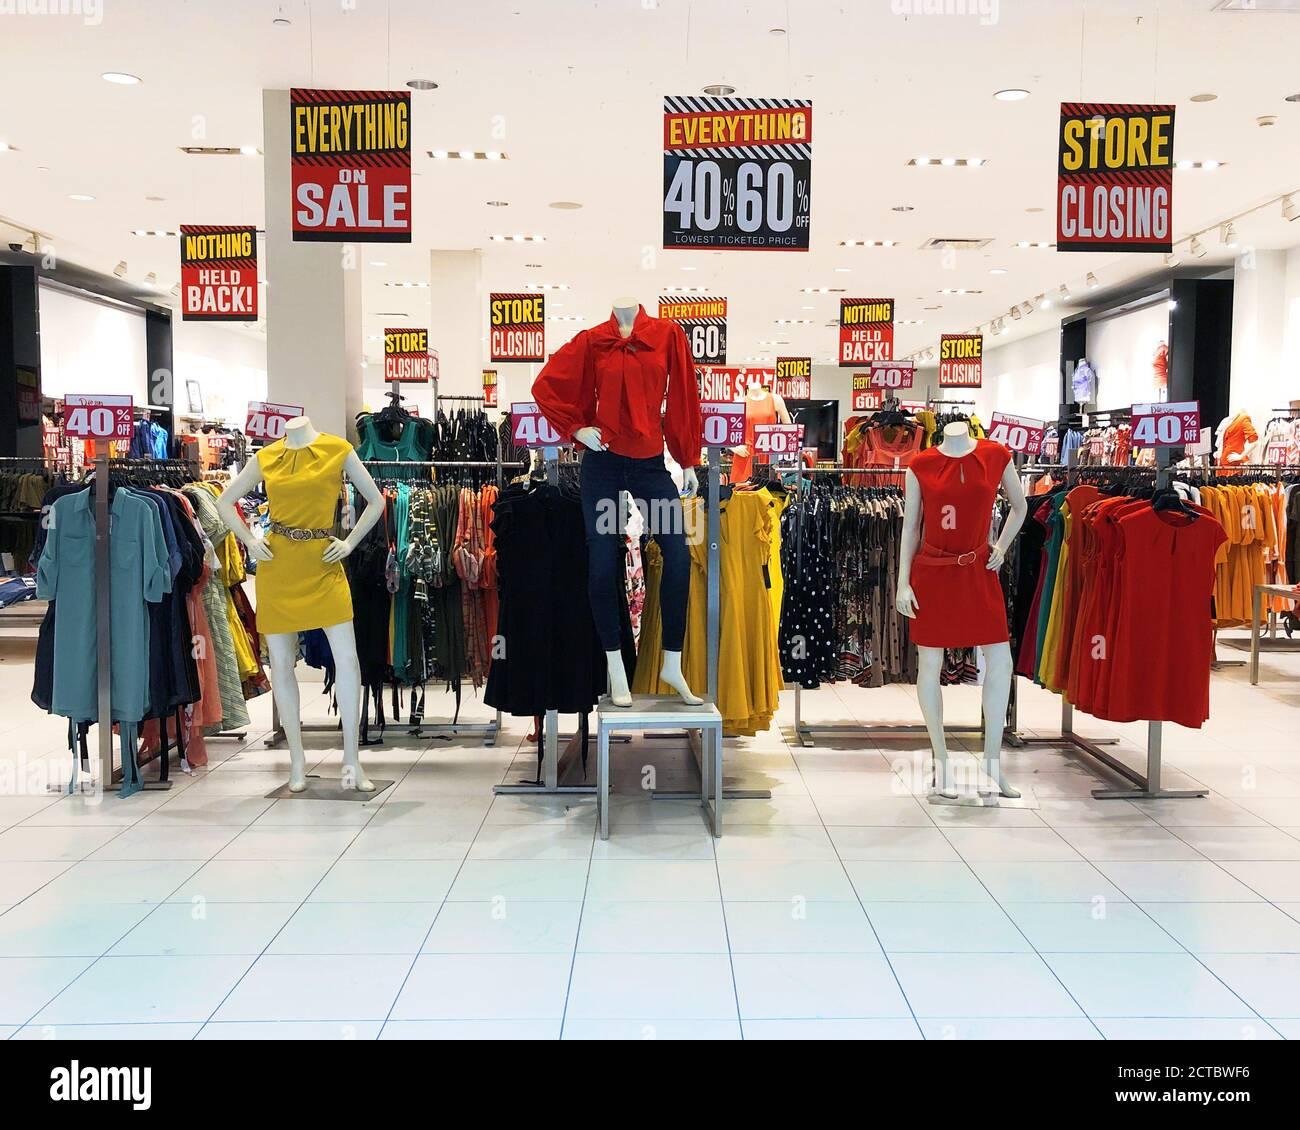 Un centre commercial de magasins a plusieurs robes et vêtements de mode pour femmes en vente avec des panneaux de fermeture de magasin pour un concept de pandémie au sujet des entreprises en faillite. Banque D'Images